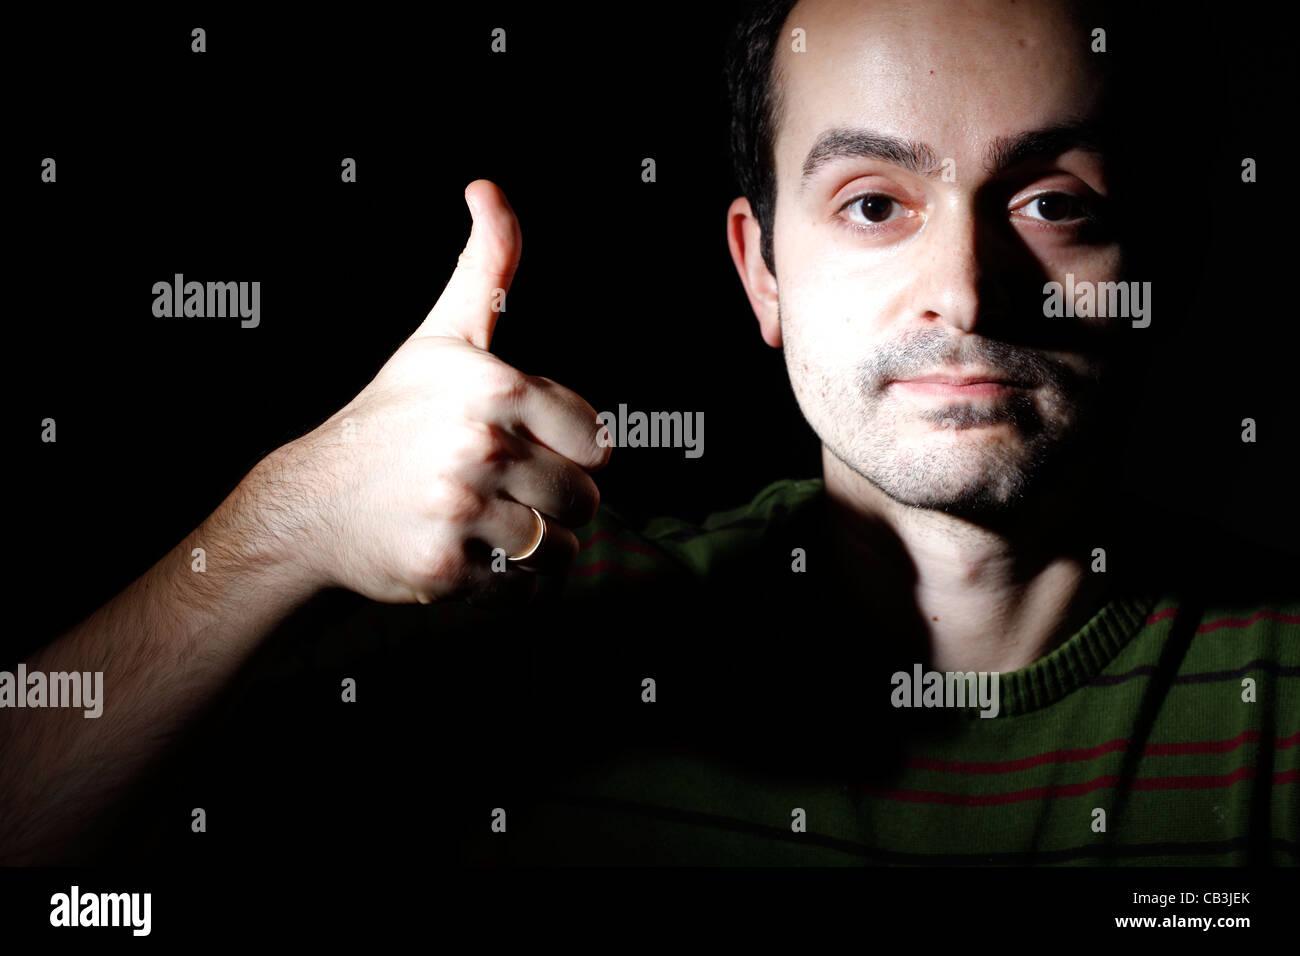 Porträt eines jungen Mannes, auf schwarzem Hintergrund isoliert Stockbild